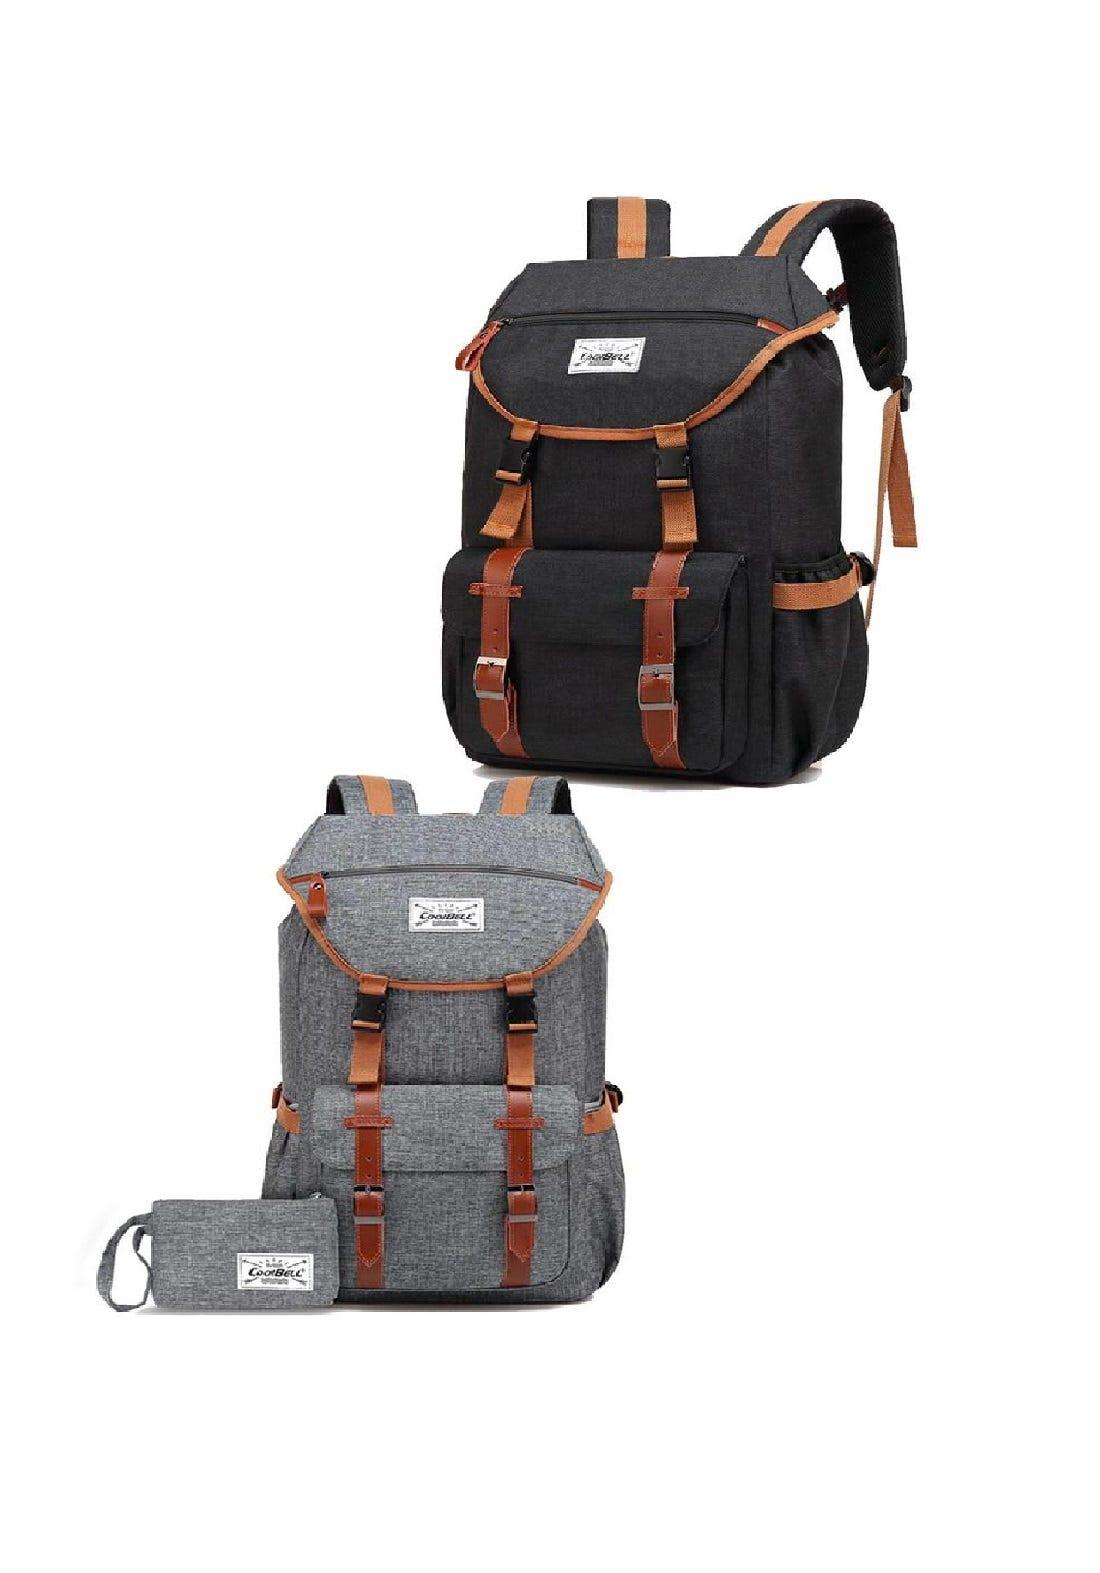 Cool Bell 7006 Branded Backpack Laptop Bag   حقيبة لابتوب